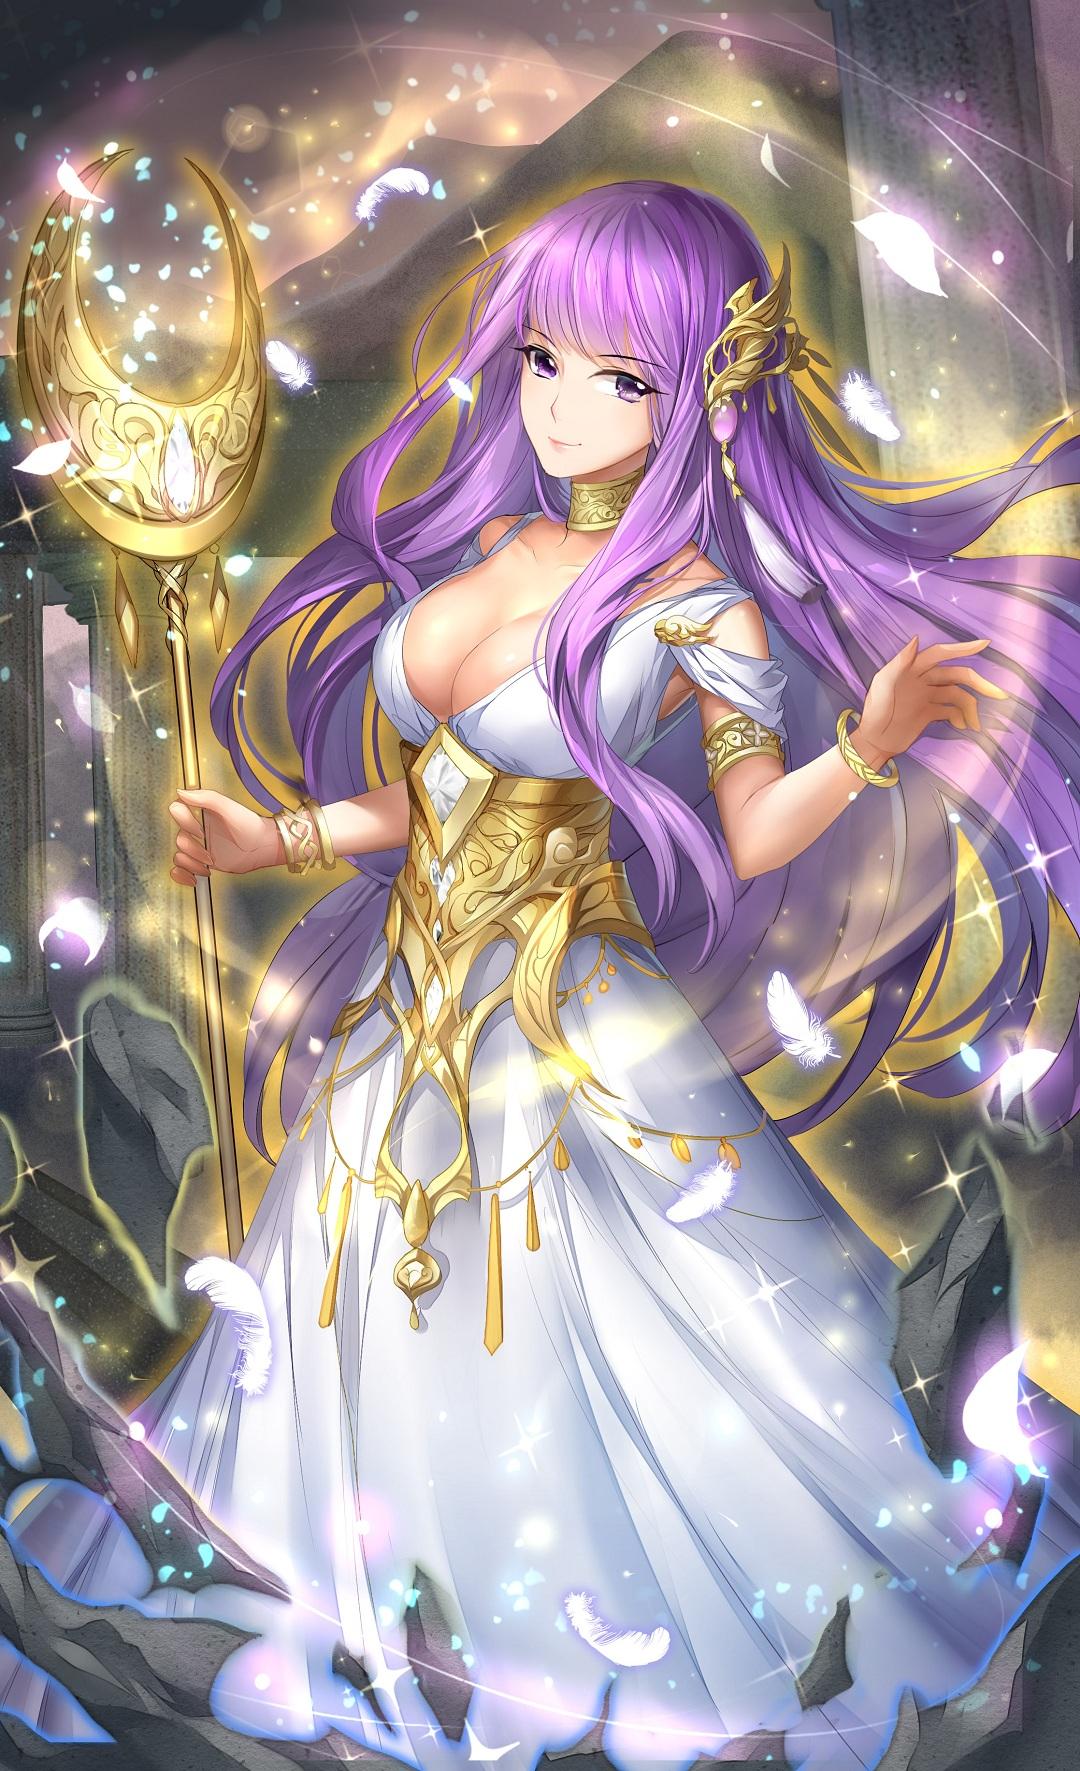 希腊神话中的奥林匹斯十二神,乌云和雷电的主宰者,智慧女神—雅典娜